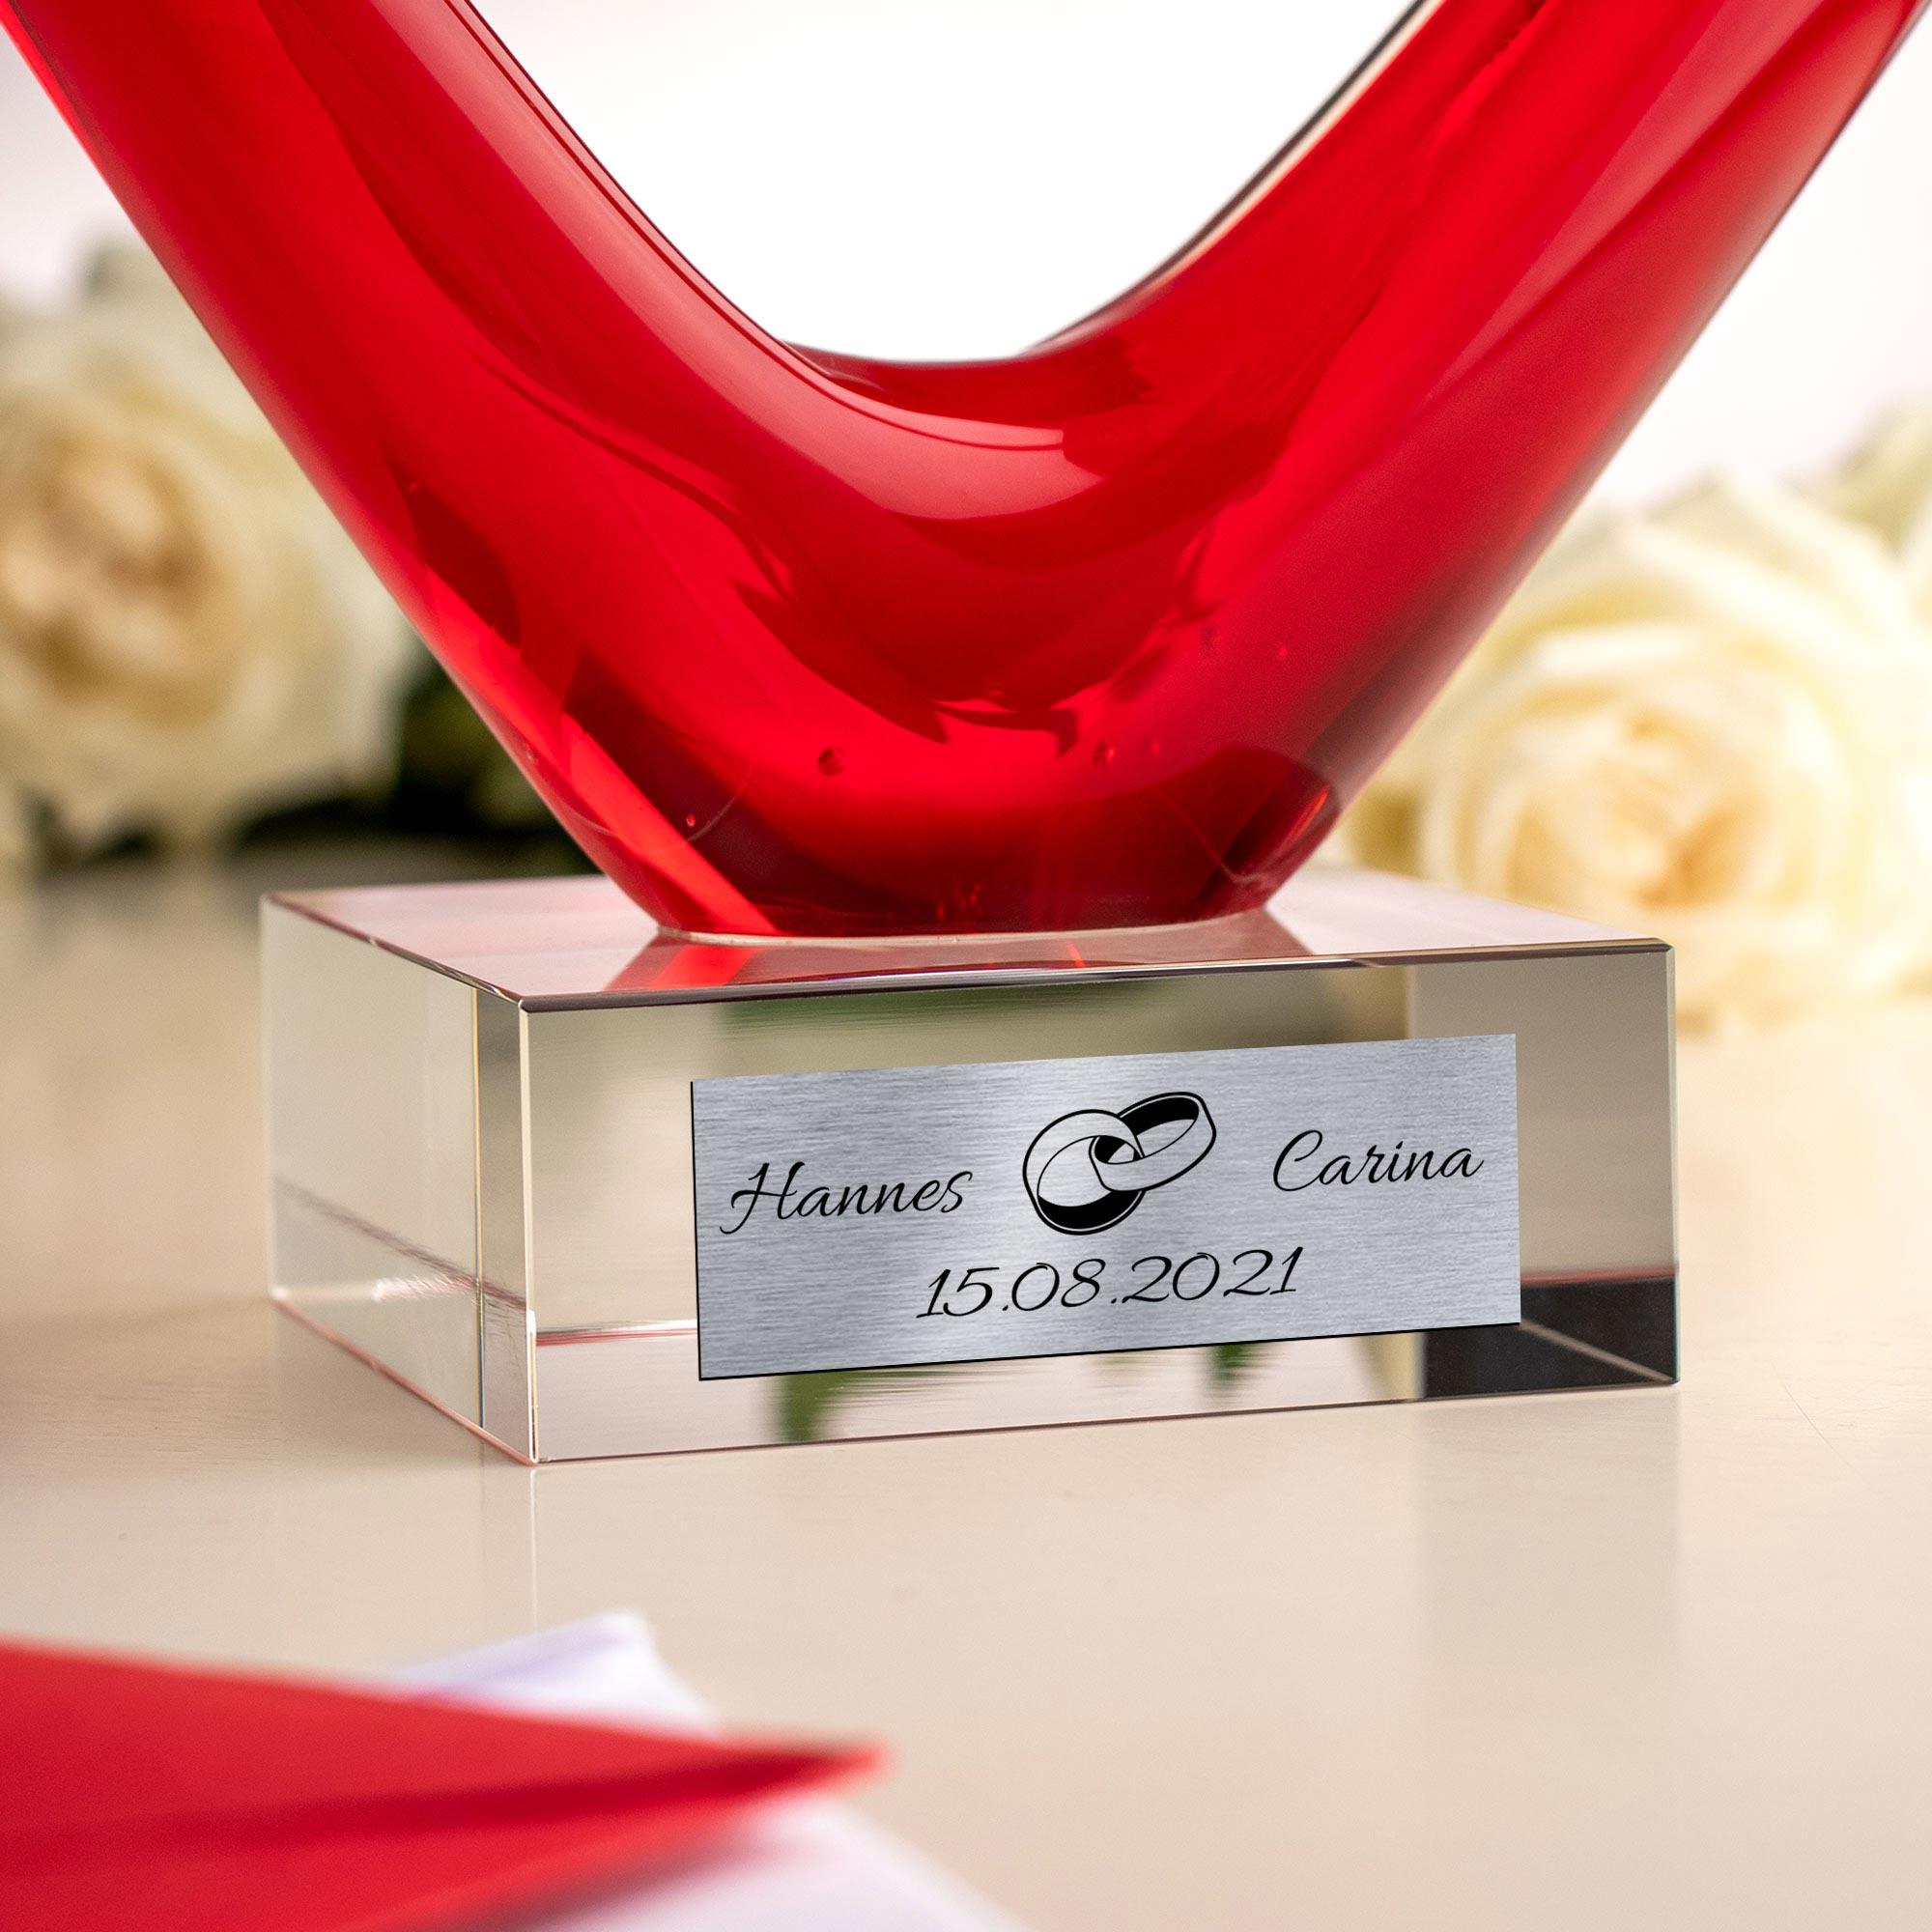 Herz aus Glas mit Gravur zur Hochzeit - Ringe - Personalisiert